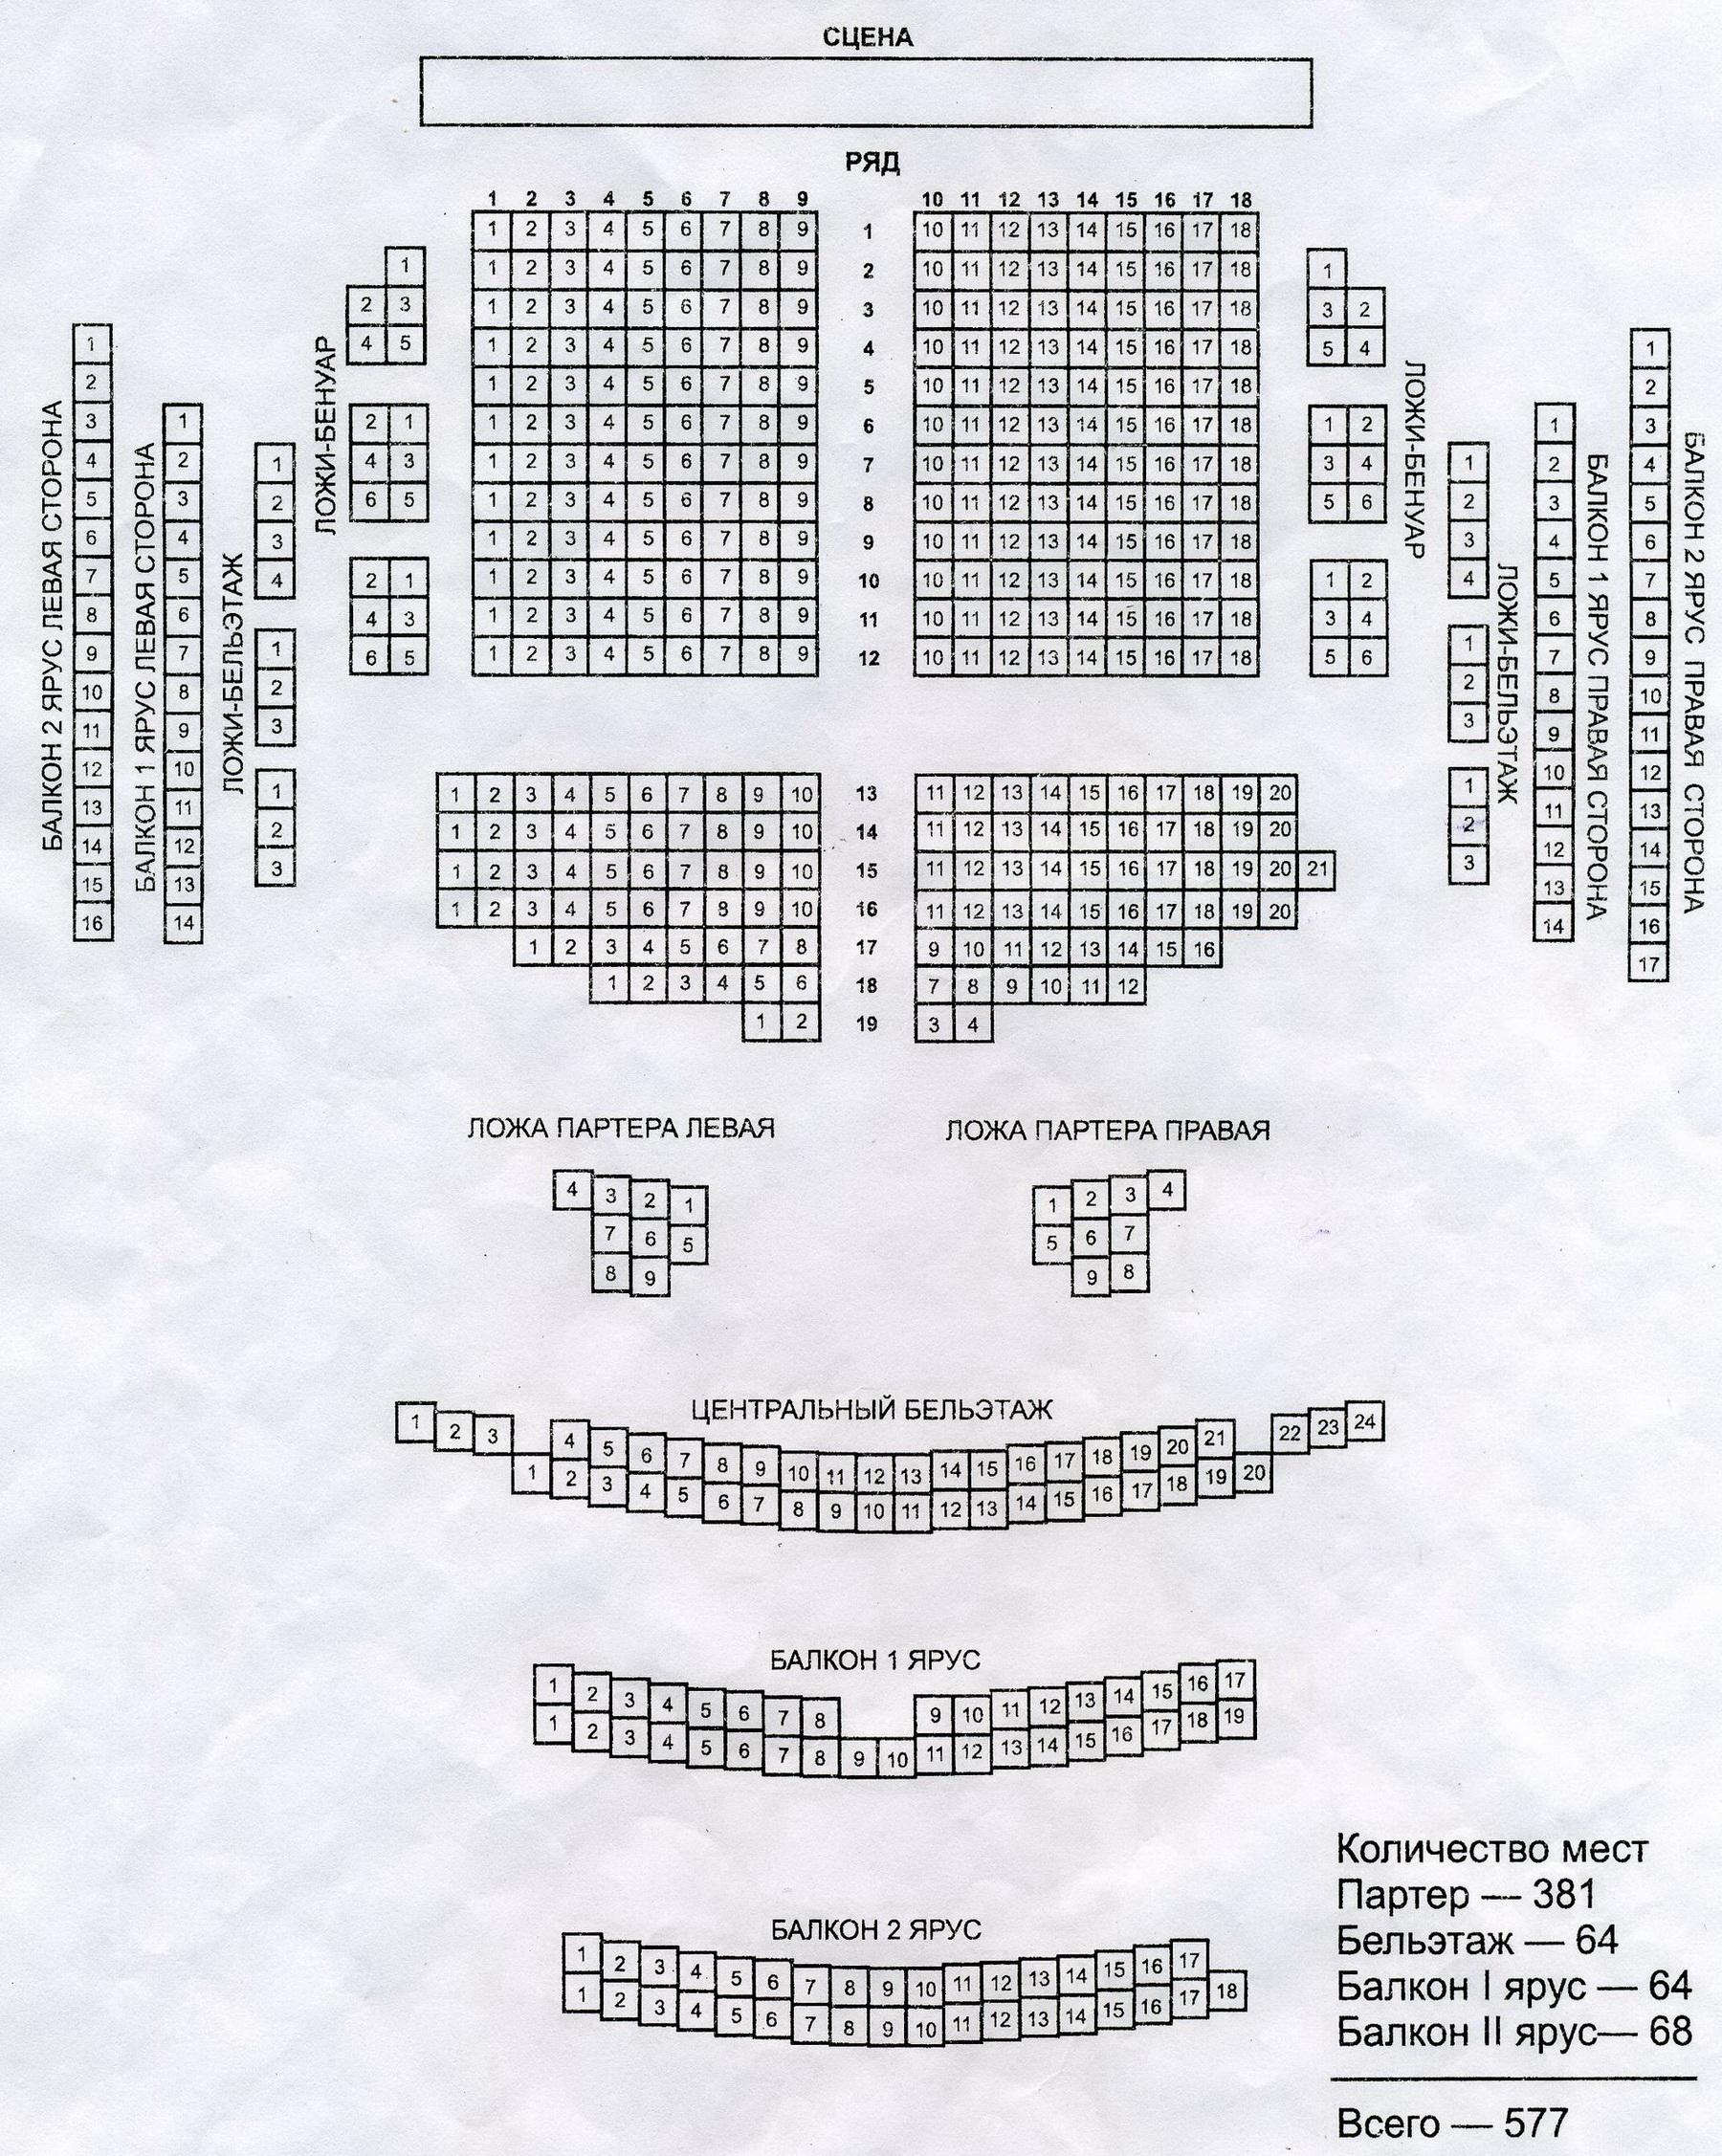 Схема зала им.горького